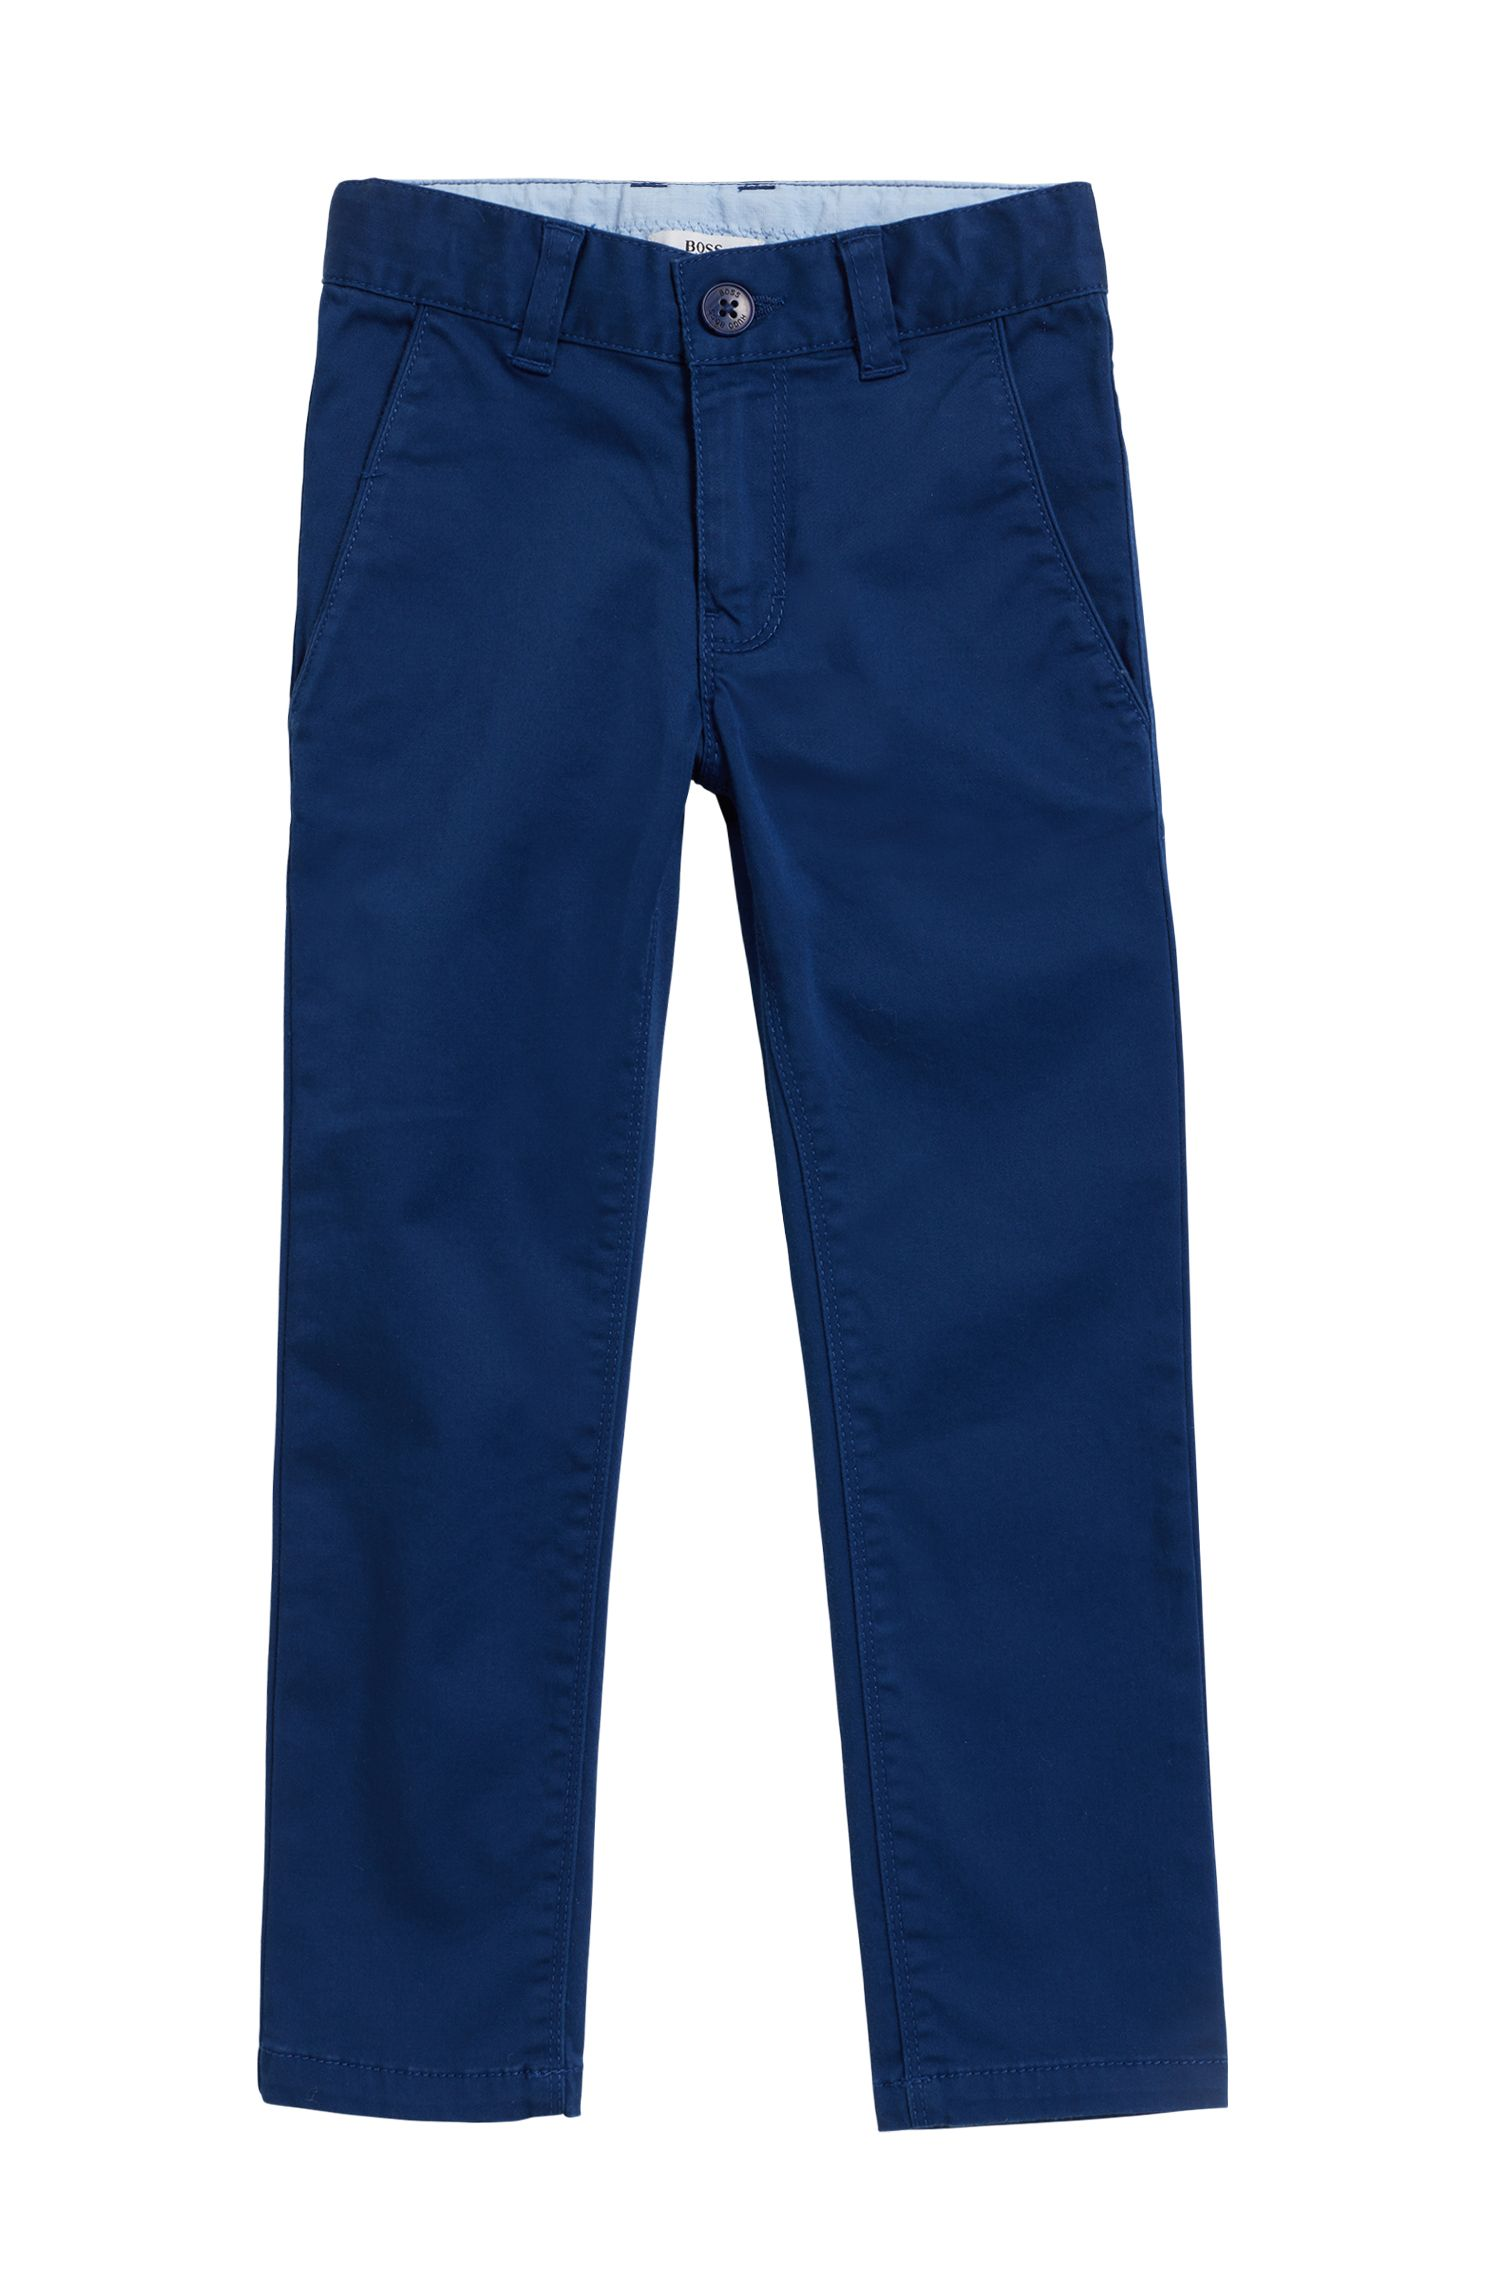 Kids-Anzughose aus elastischem Baumwoll-Mix mit Satin-Finish, Dunkelblau